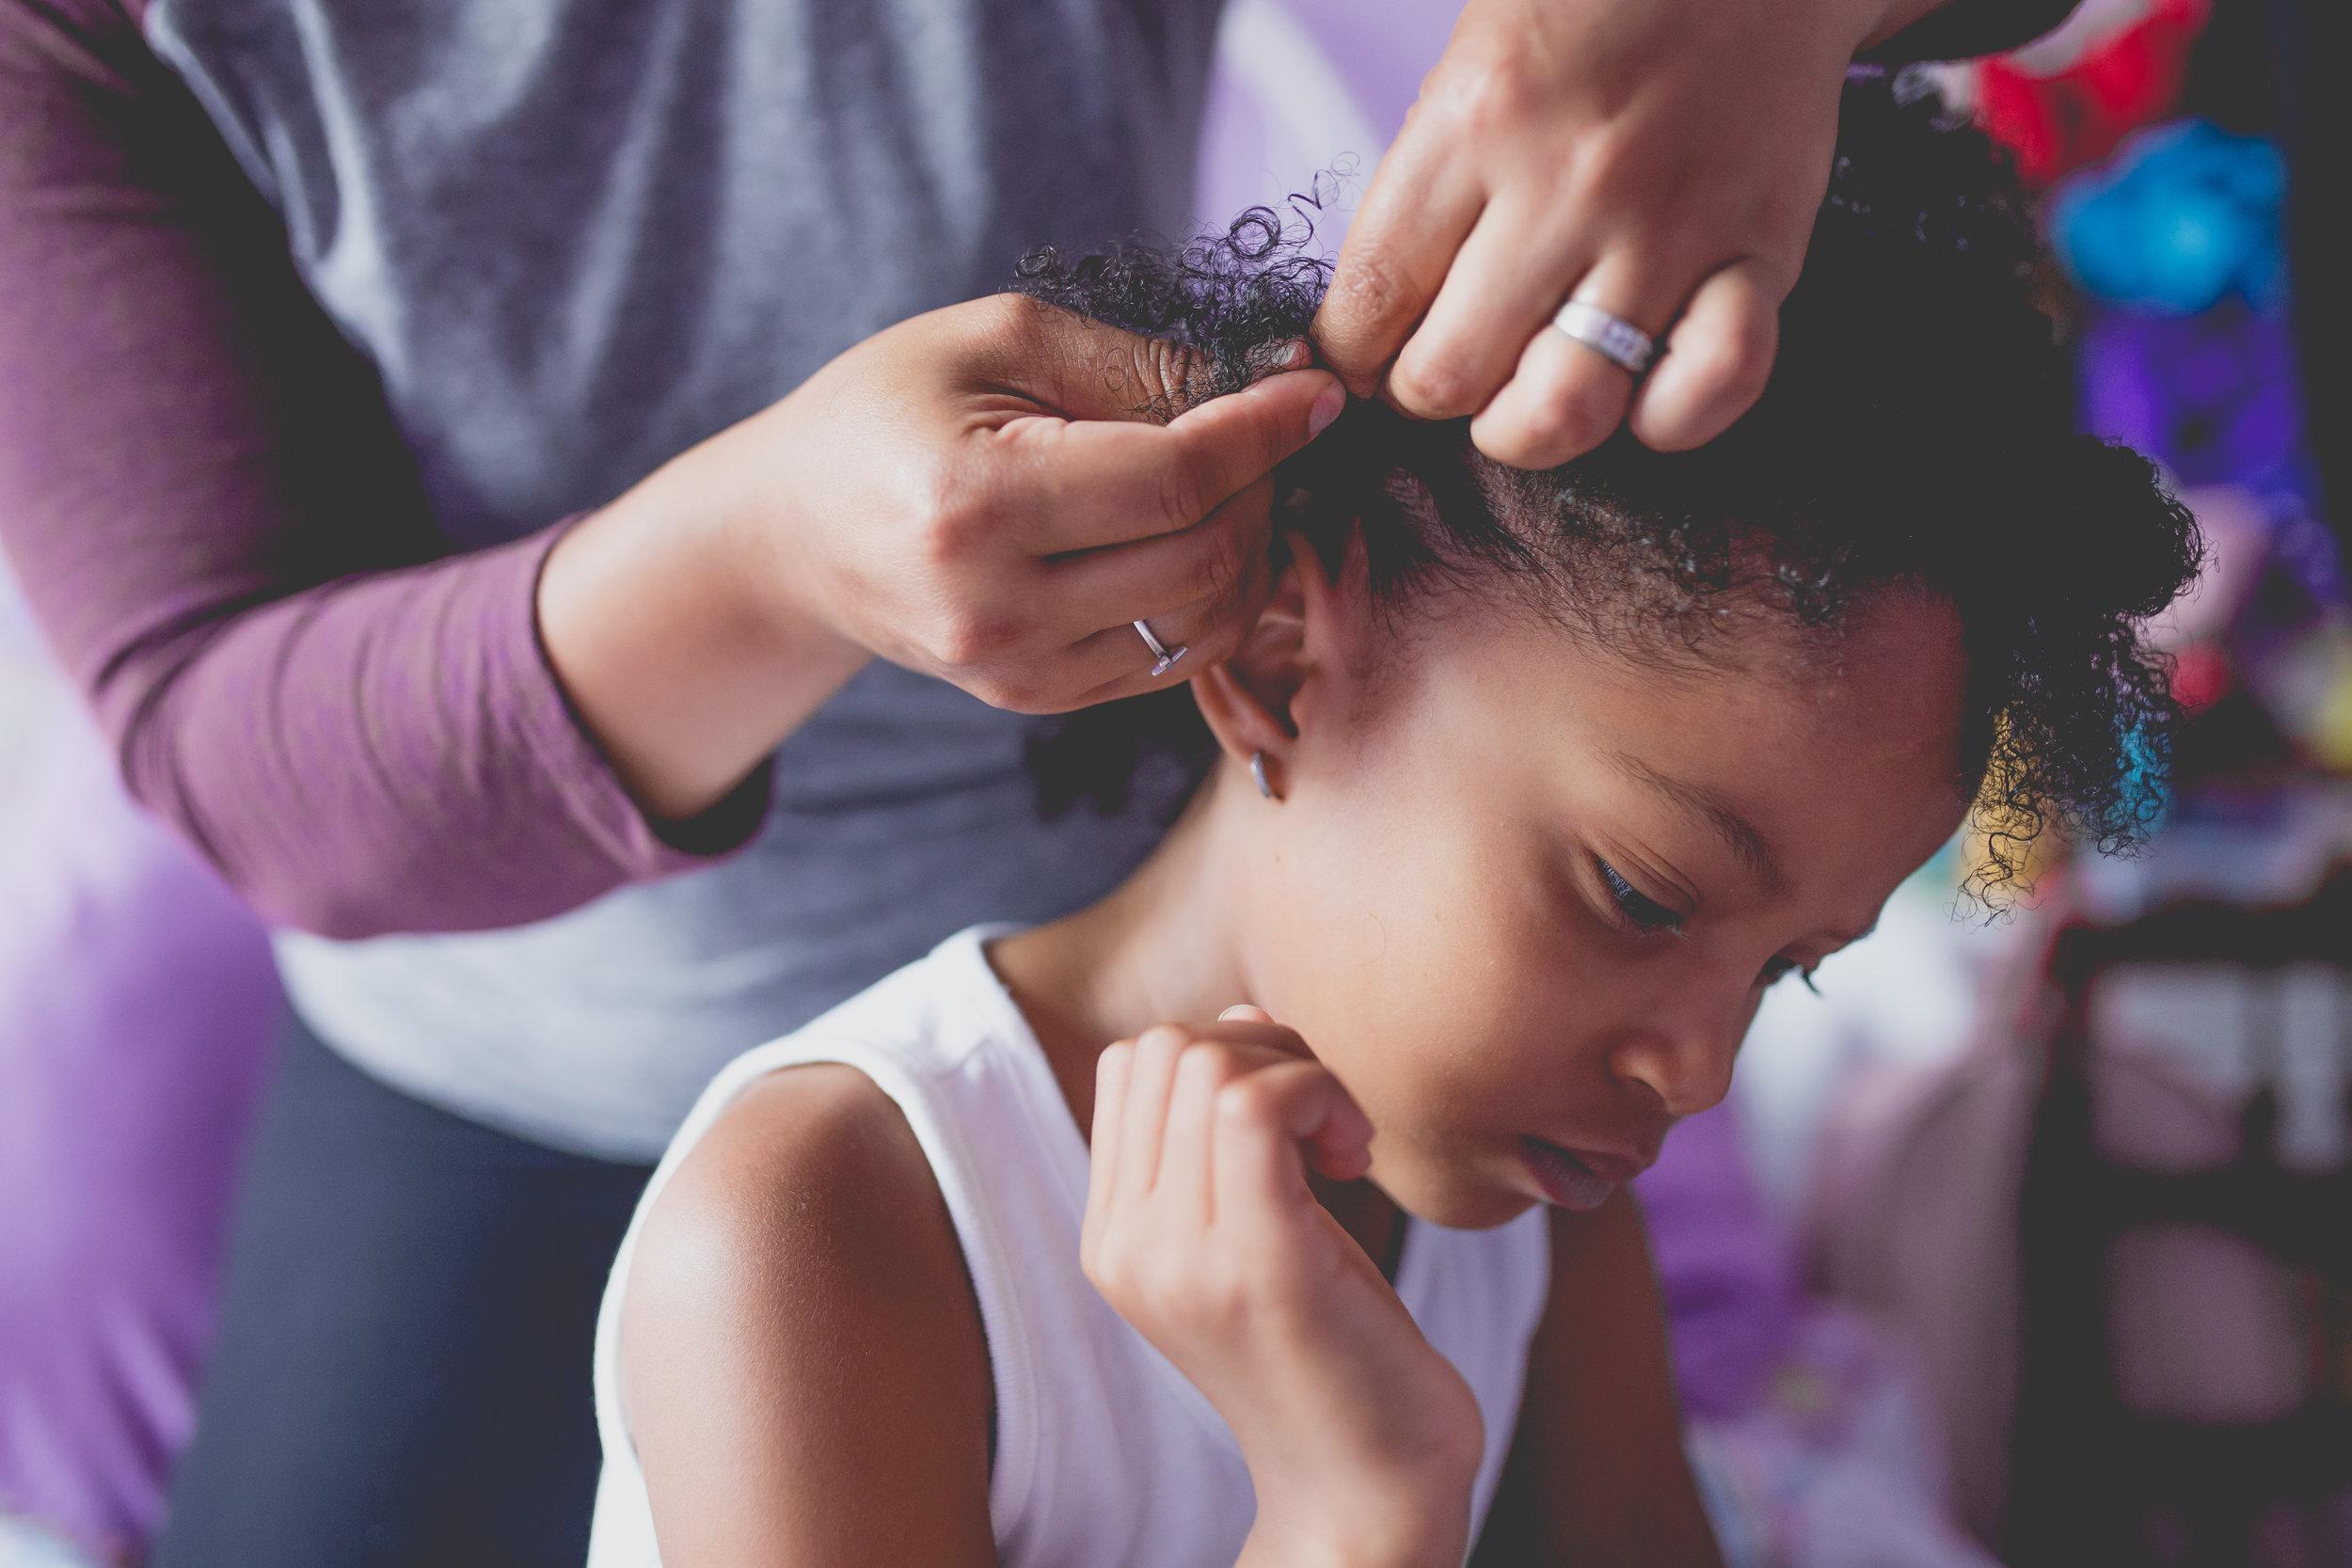 Mom puts cornrow in daughter's hair